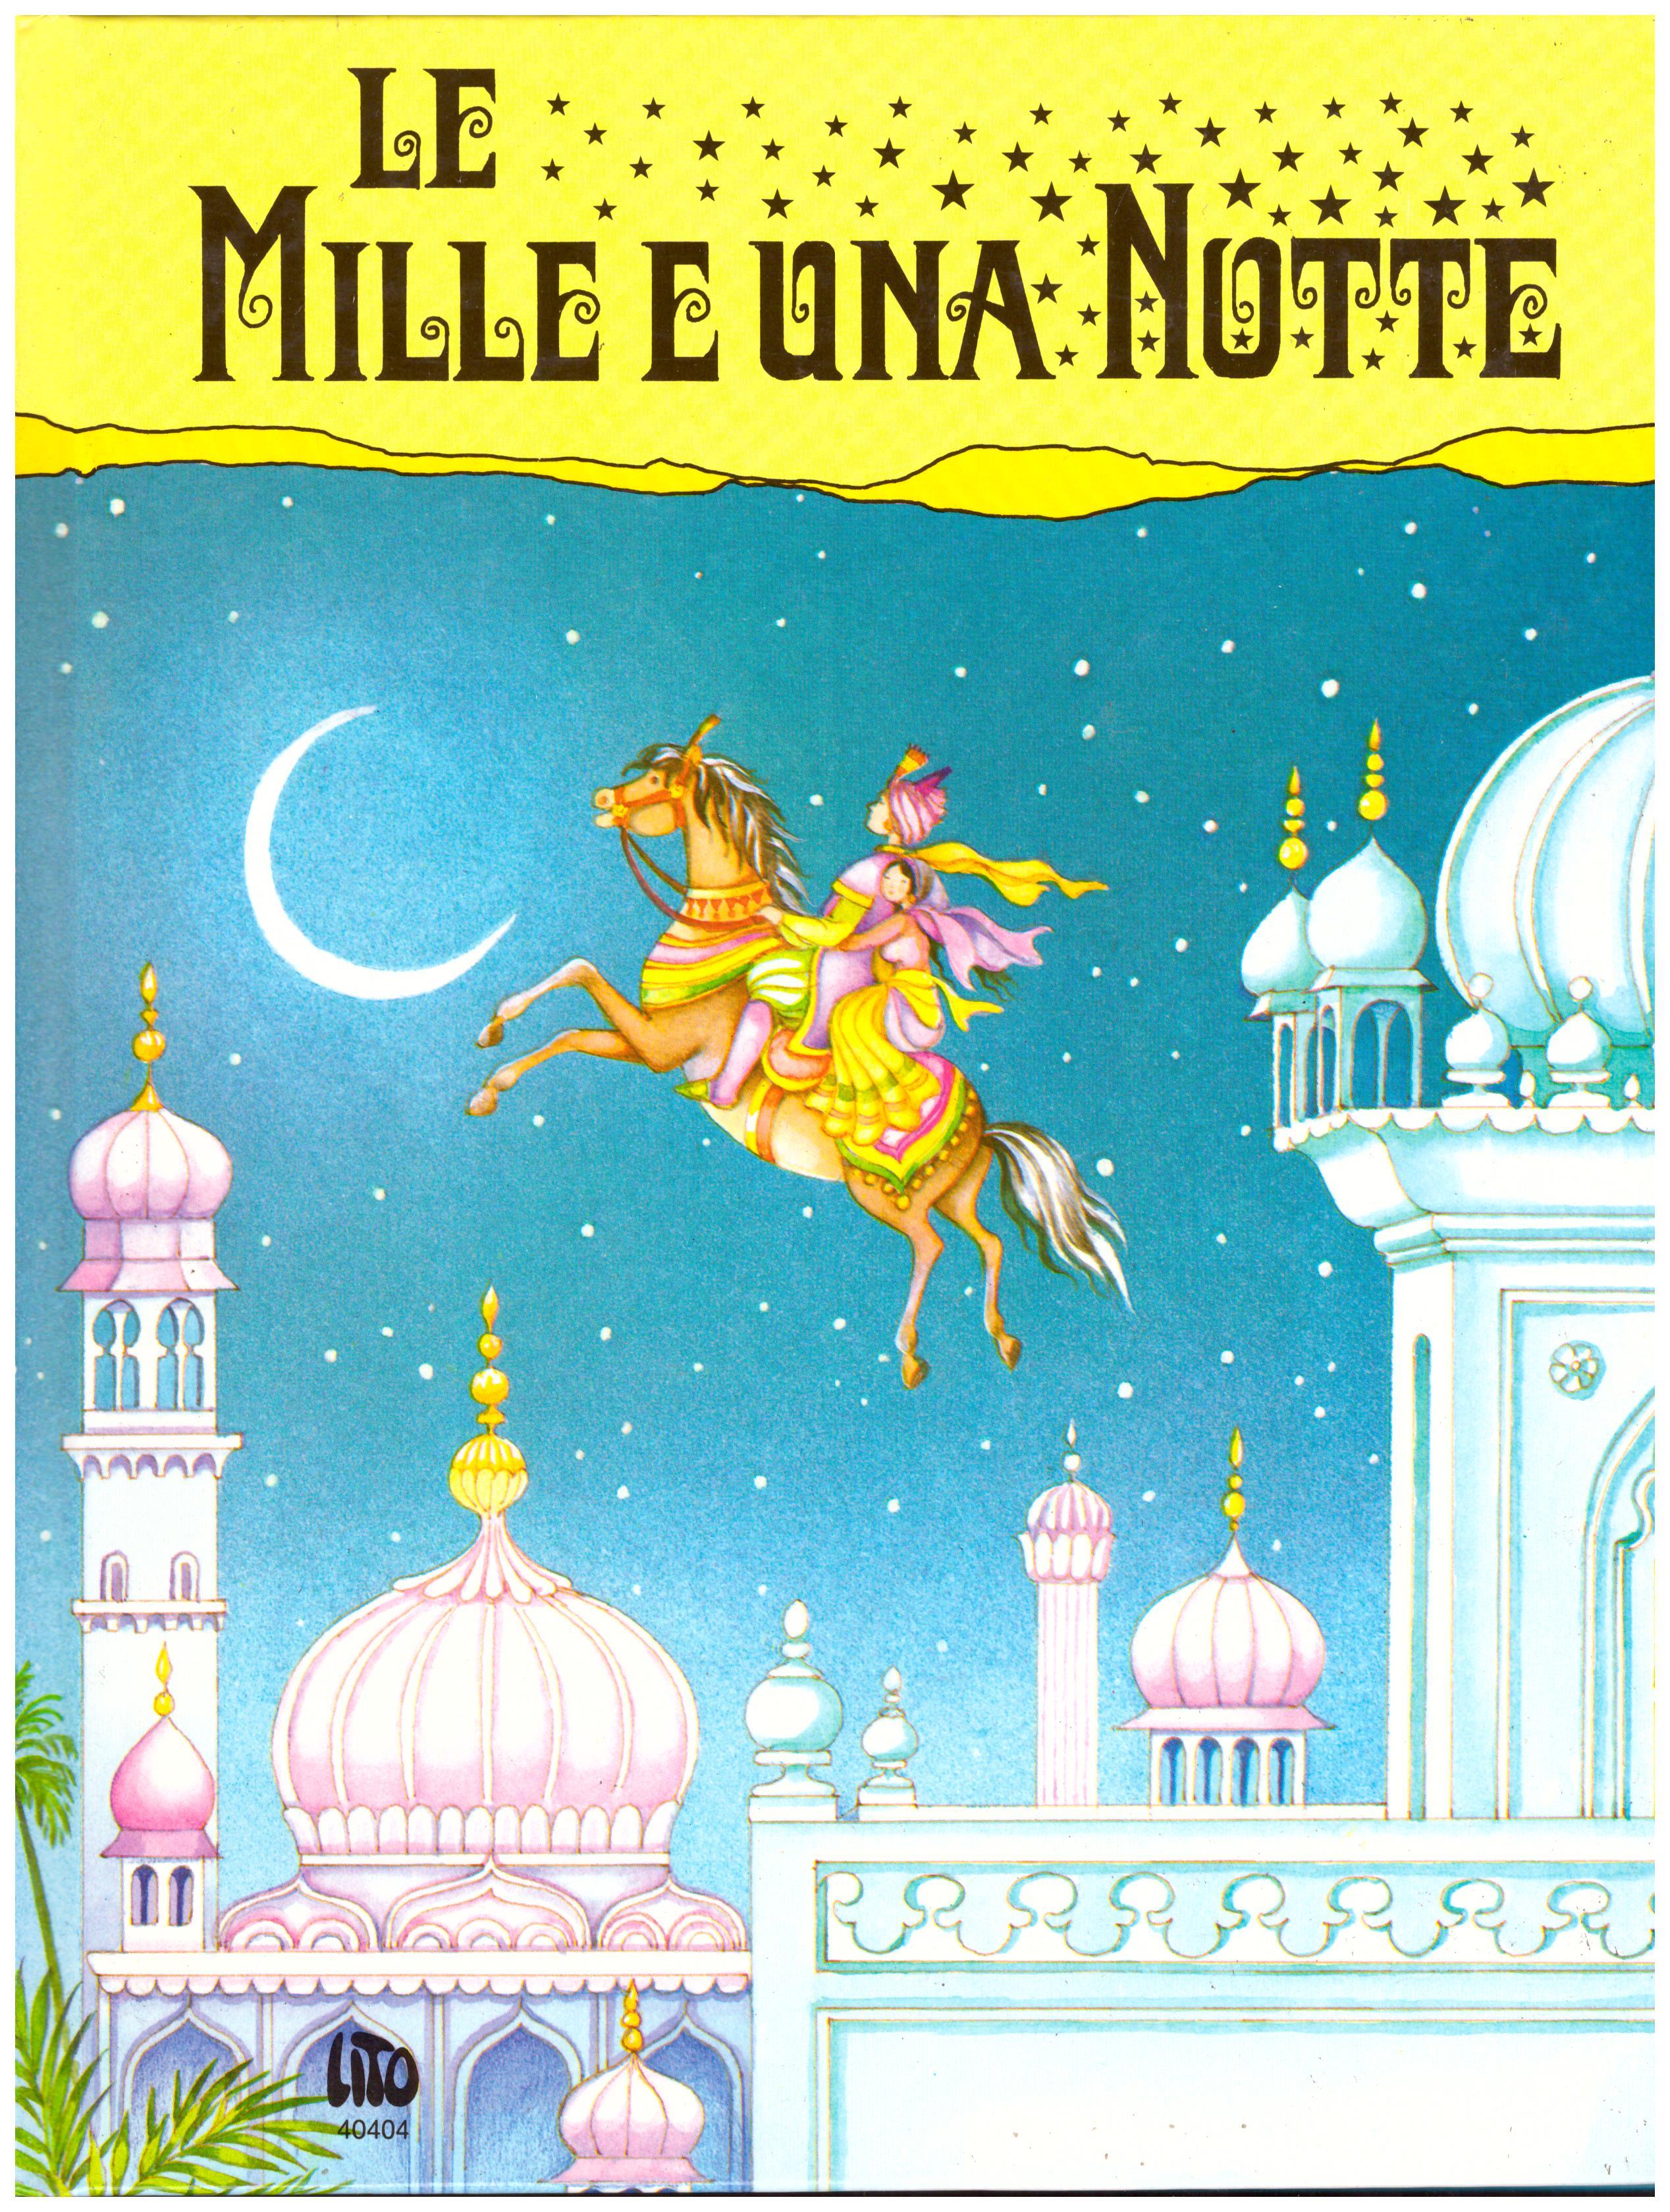 Titolo: Le mille e una notte    Autore: AA.VV.     Editore: LITO 40404